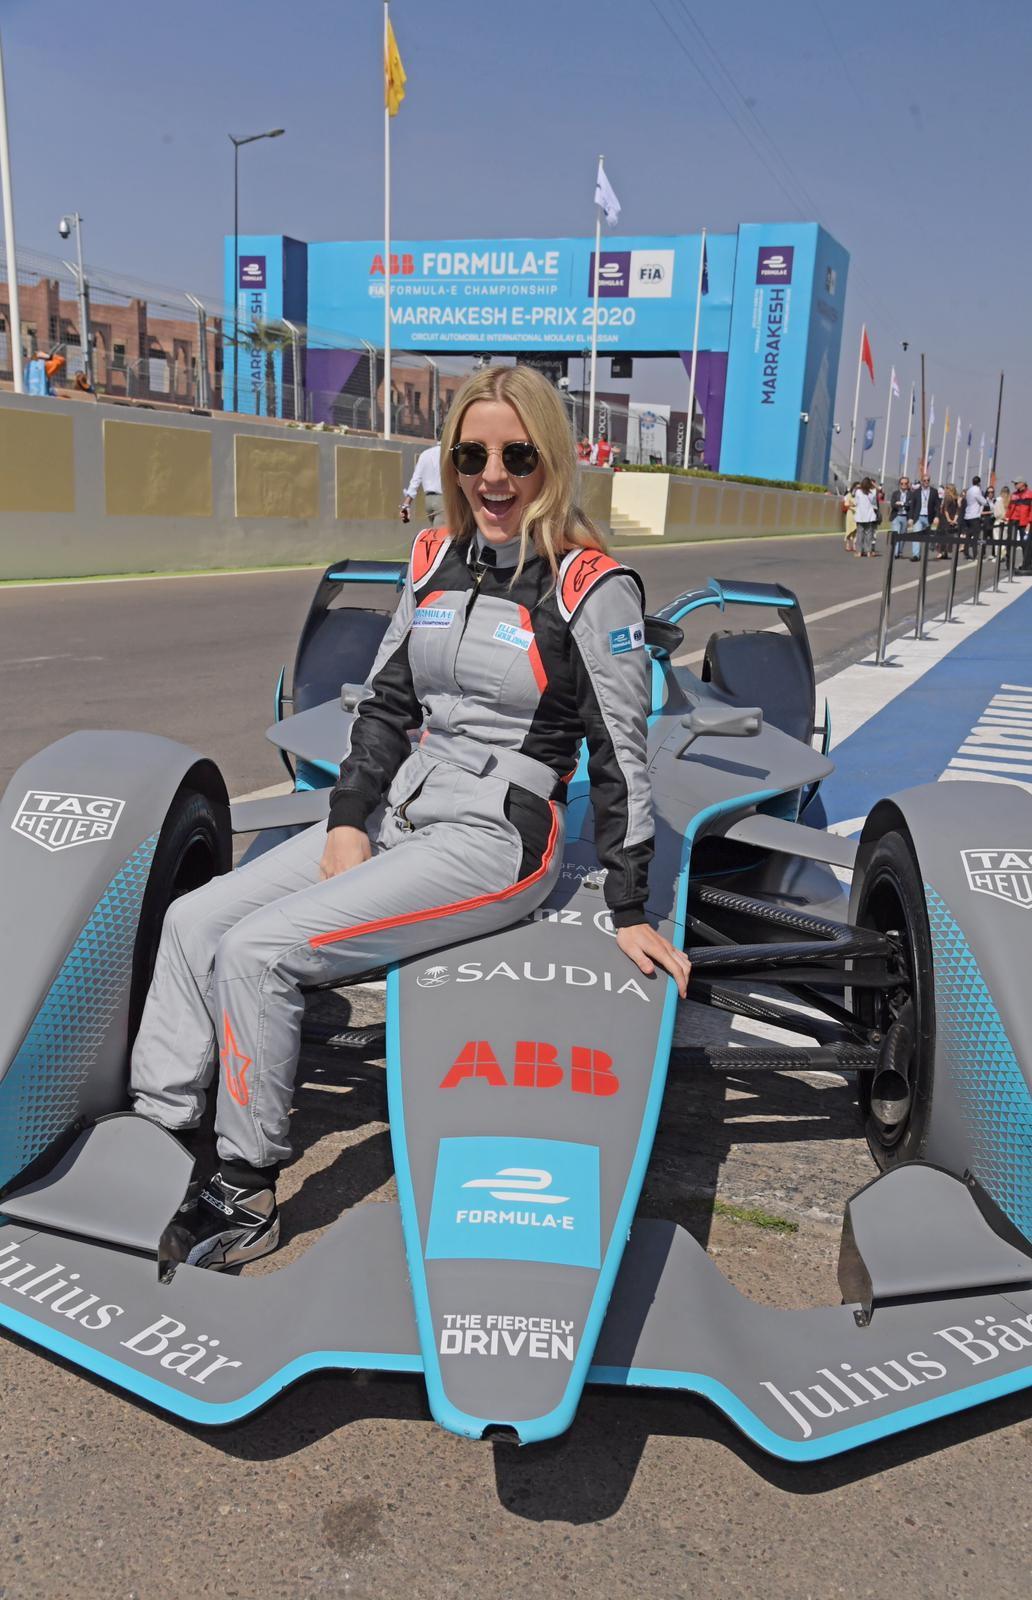 """Ellie Goulding, cantante britannica, ha indossato la tuta da corsa prima dell'E-PrixdiMarrakechprovando anche anche la BMW i8 safety car. """"Sono cresciuta con il motorsport, è stata un'esperienza incredibile. Questa è stata la mia seconda volta in Formula E e di sicuro non sarà l'ultima!"""" ha detto la popstar."""